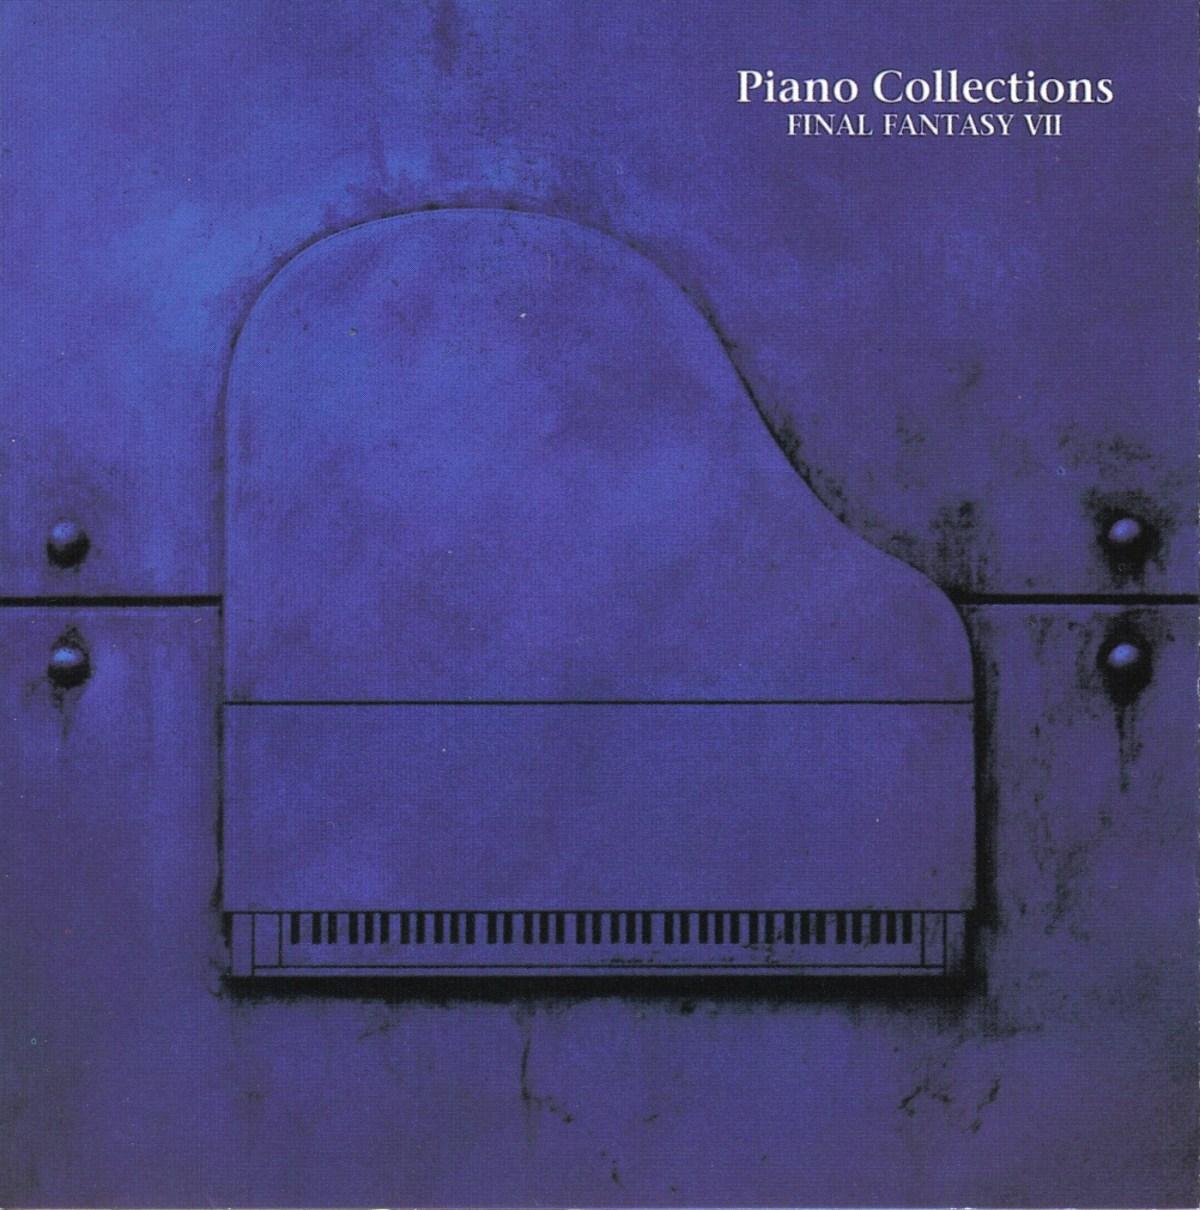 FF7 Piano Cover